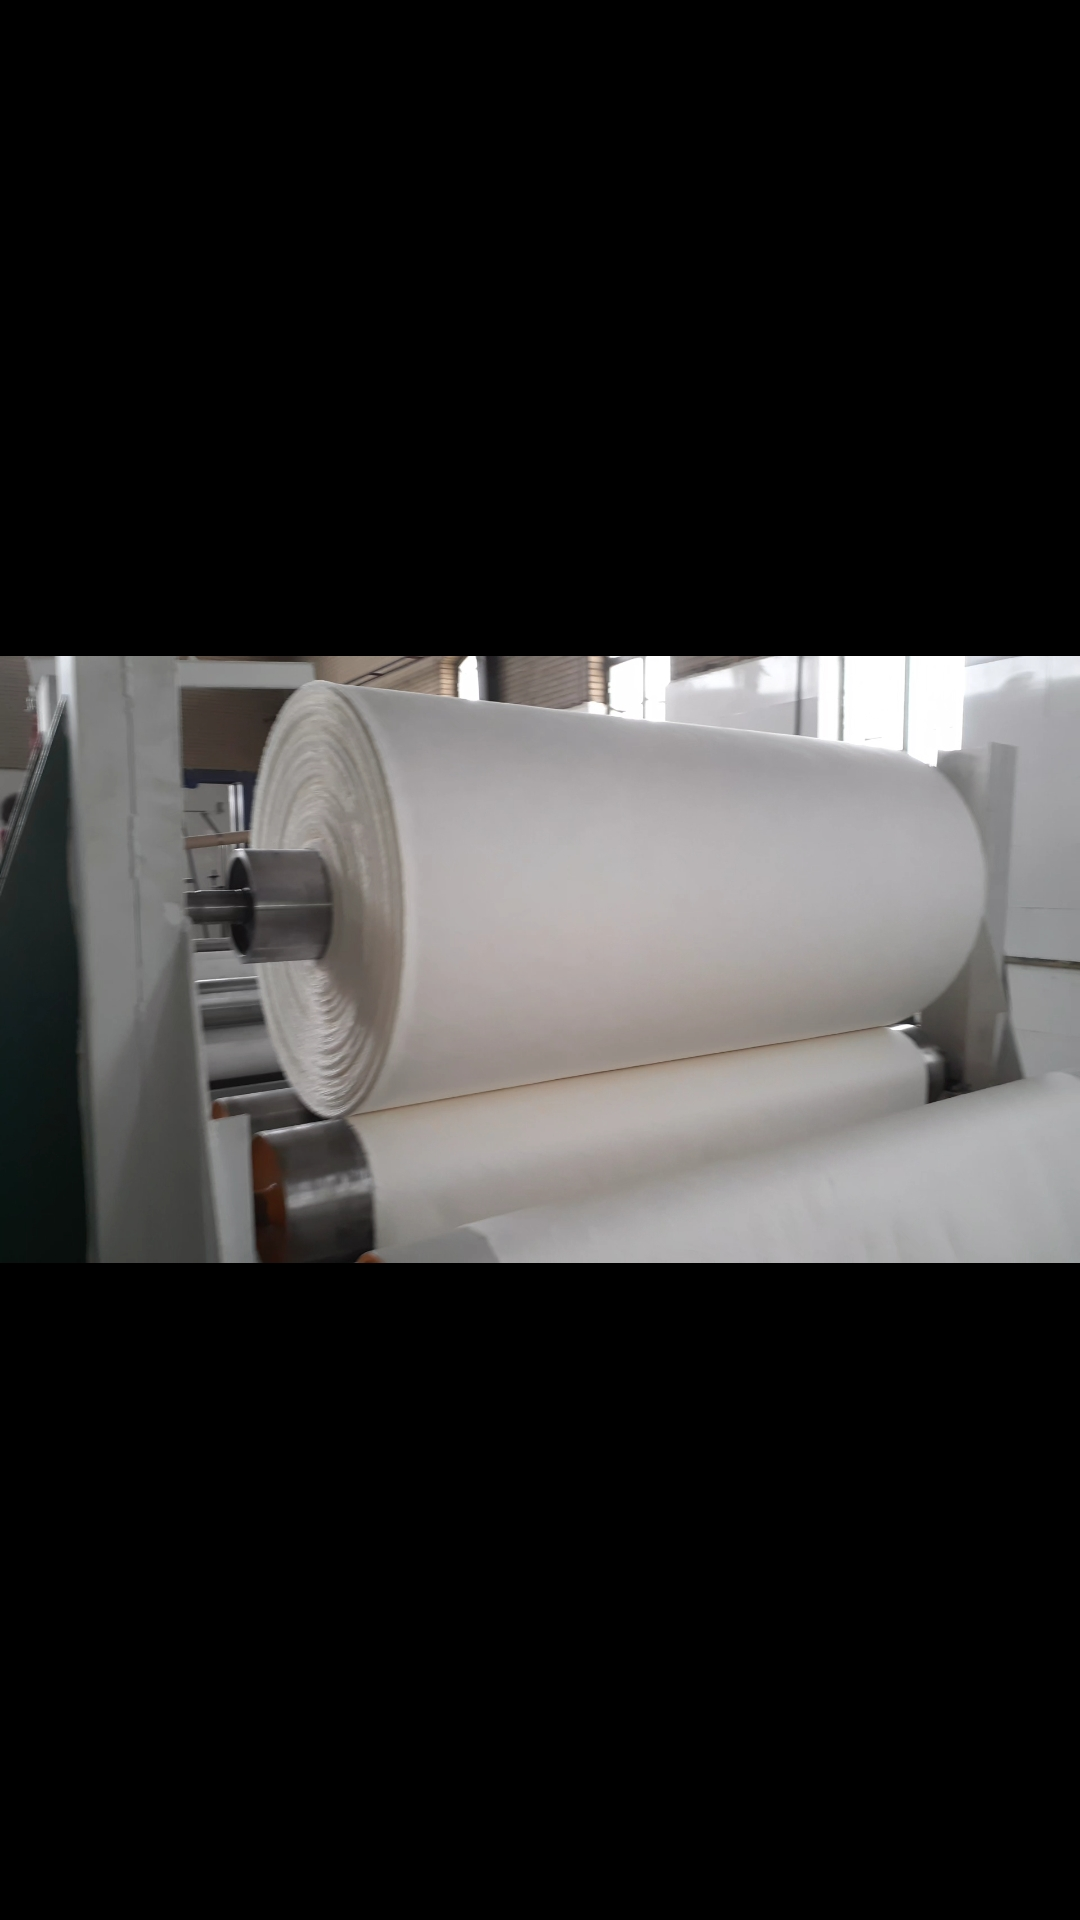 طراحی و راه اندازی خط تولید کاغذ سفید و مقوا